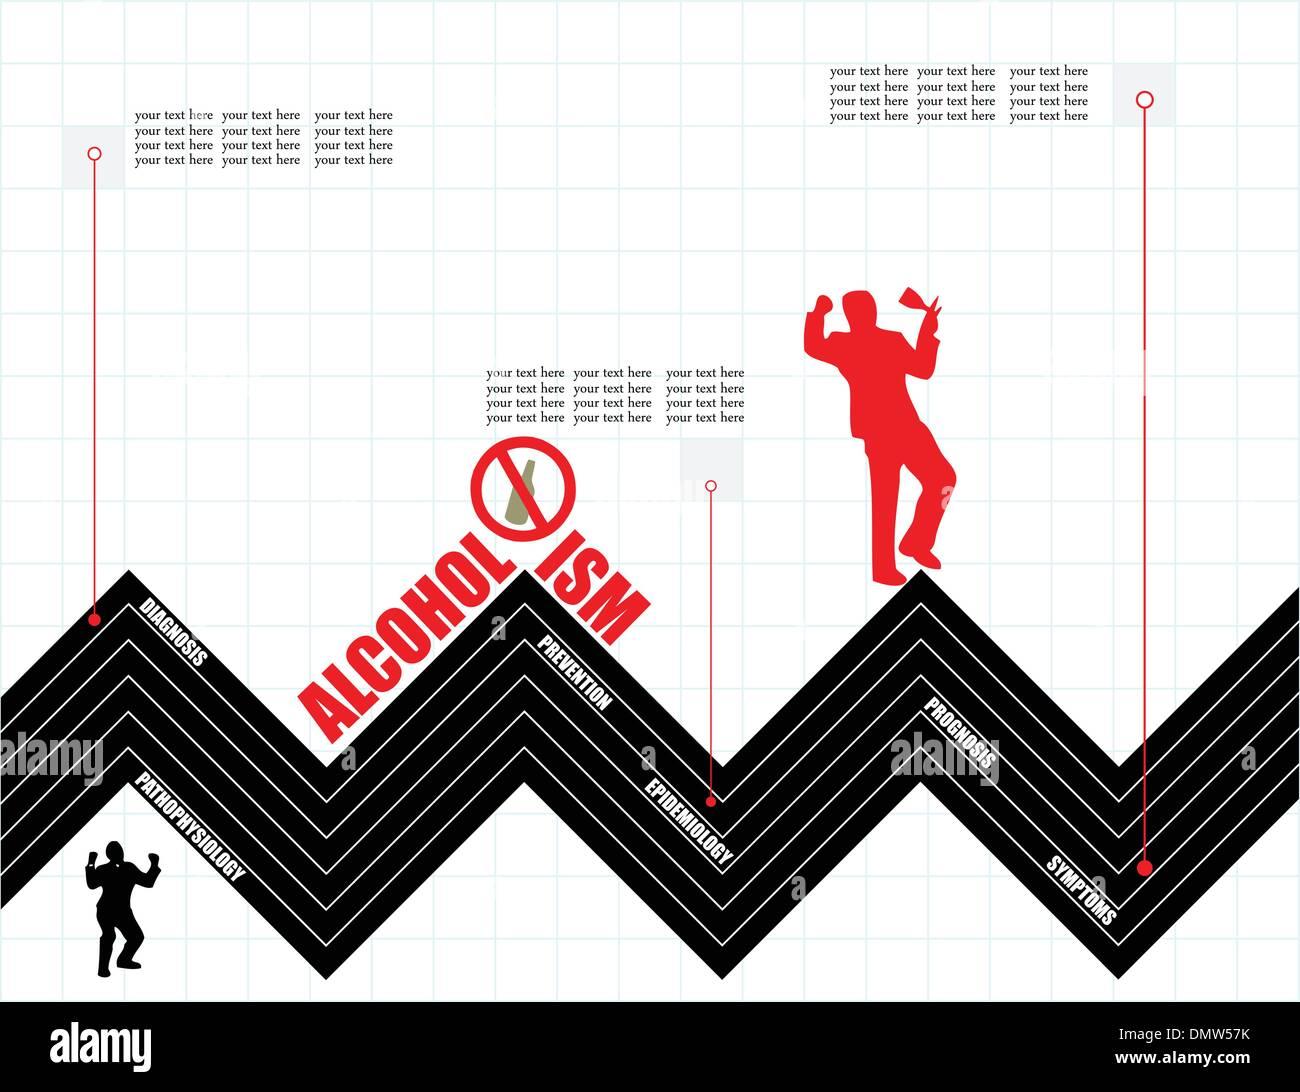 Creativity on Alcoholism - Stock Image